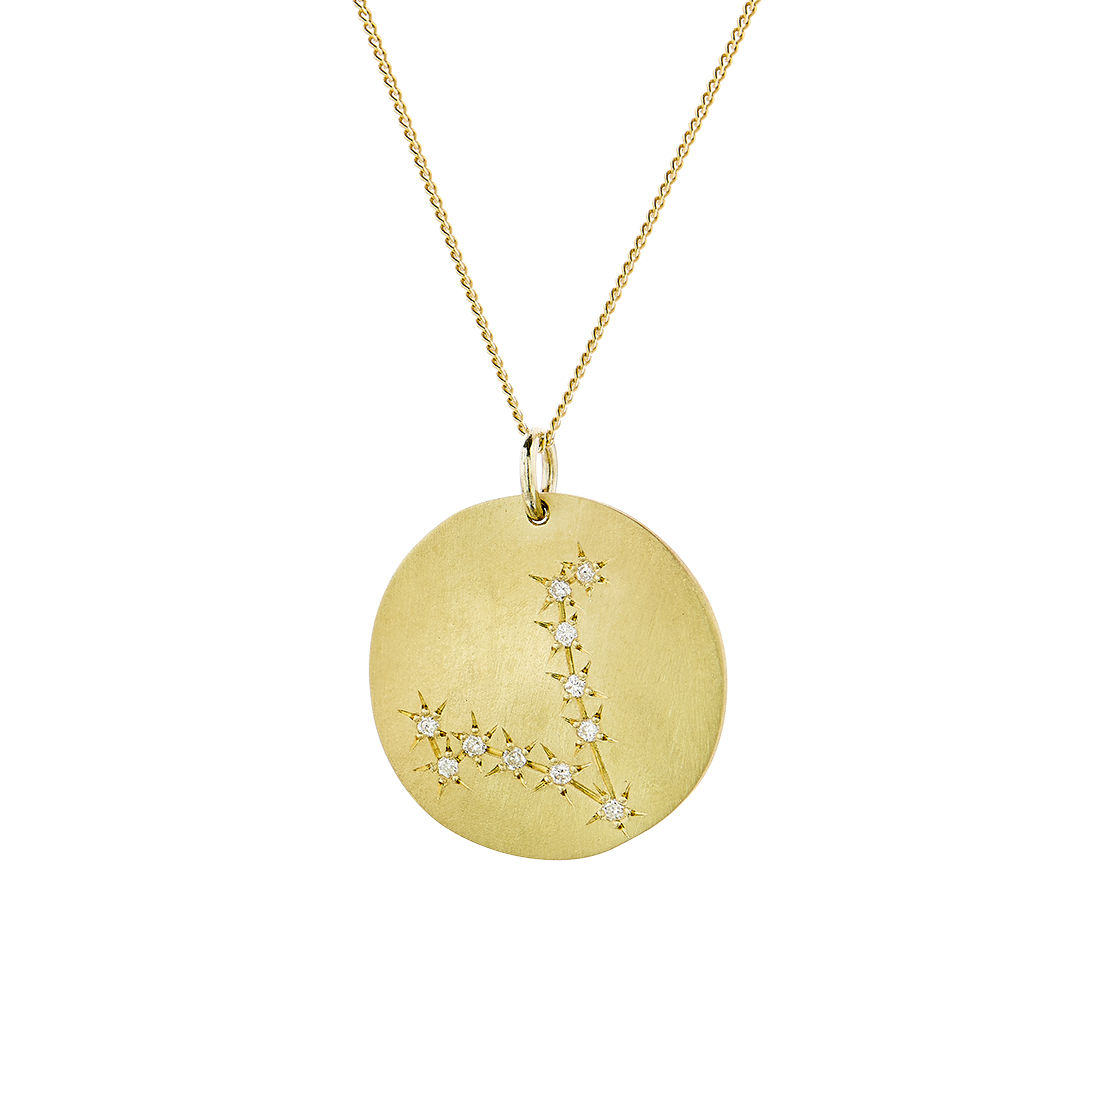 Μενταγιόν Constellation Ιχθύς από χρυσό 9Κ με διαμάντια μπριγιάν